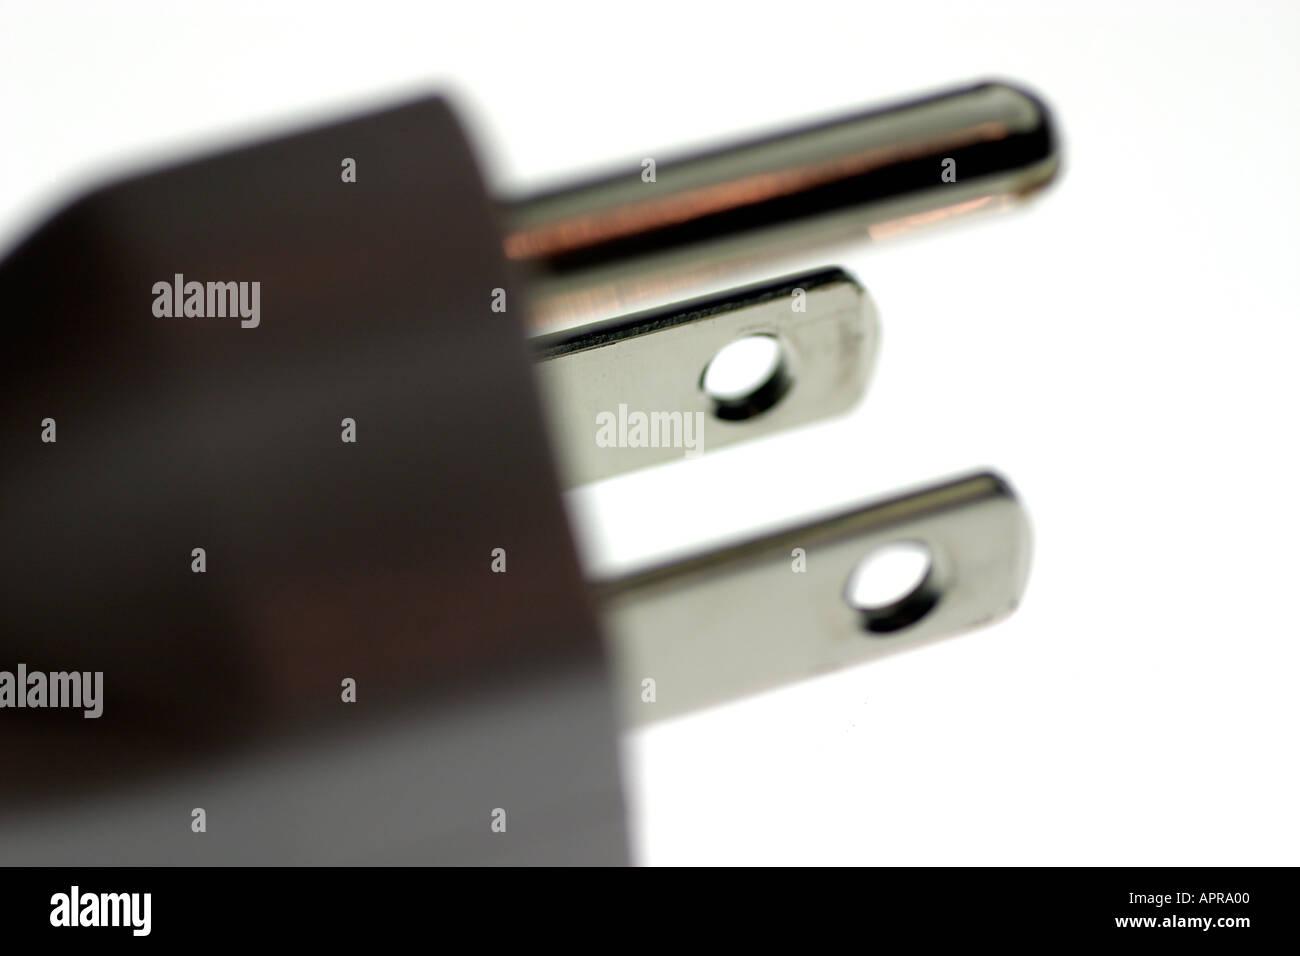 ac dc elektrische elektrische aktuelle steckdose stecker ger t wand strom drei zinken boden. Black Bedroom Furniture Sets. Home Design Ideas